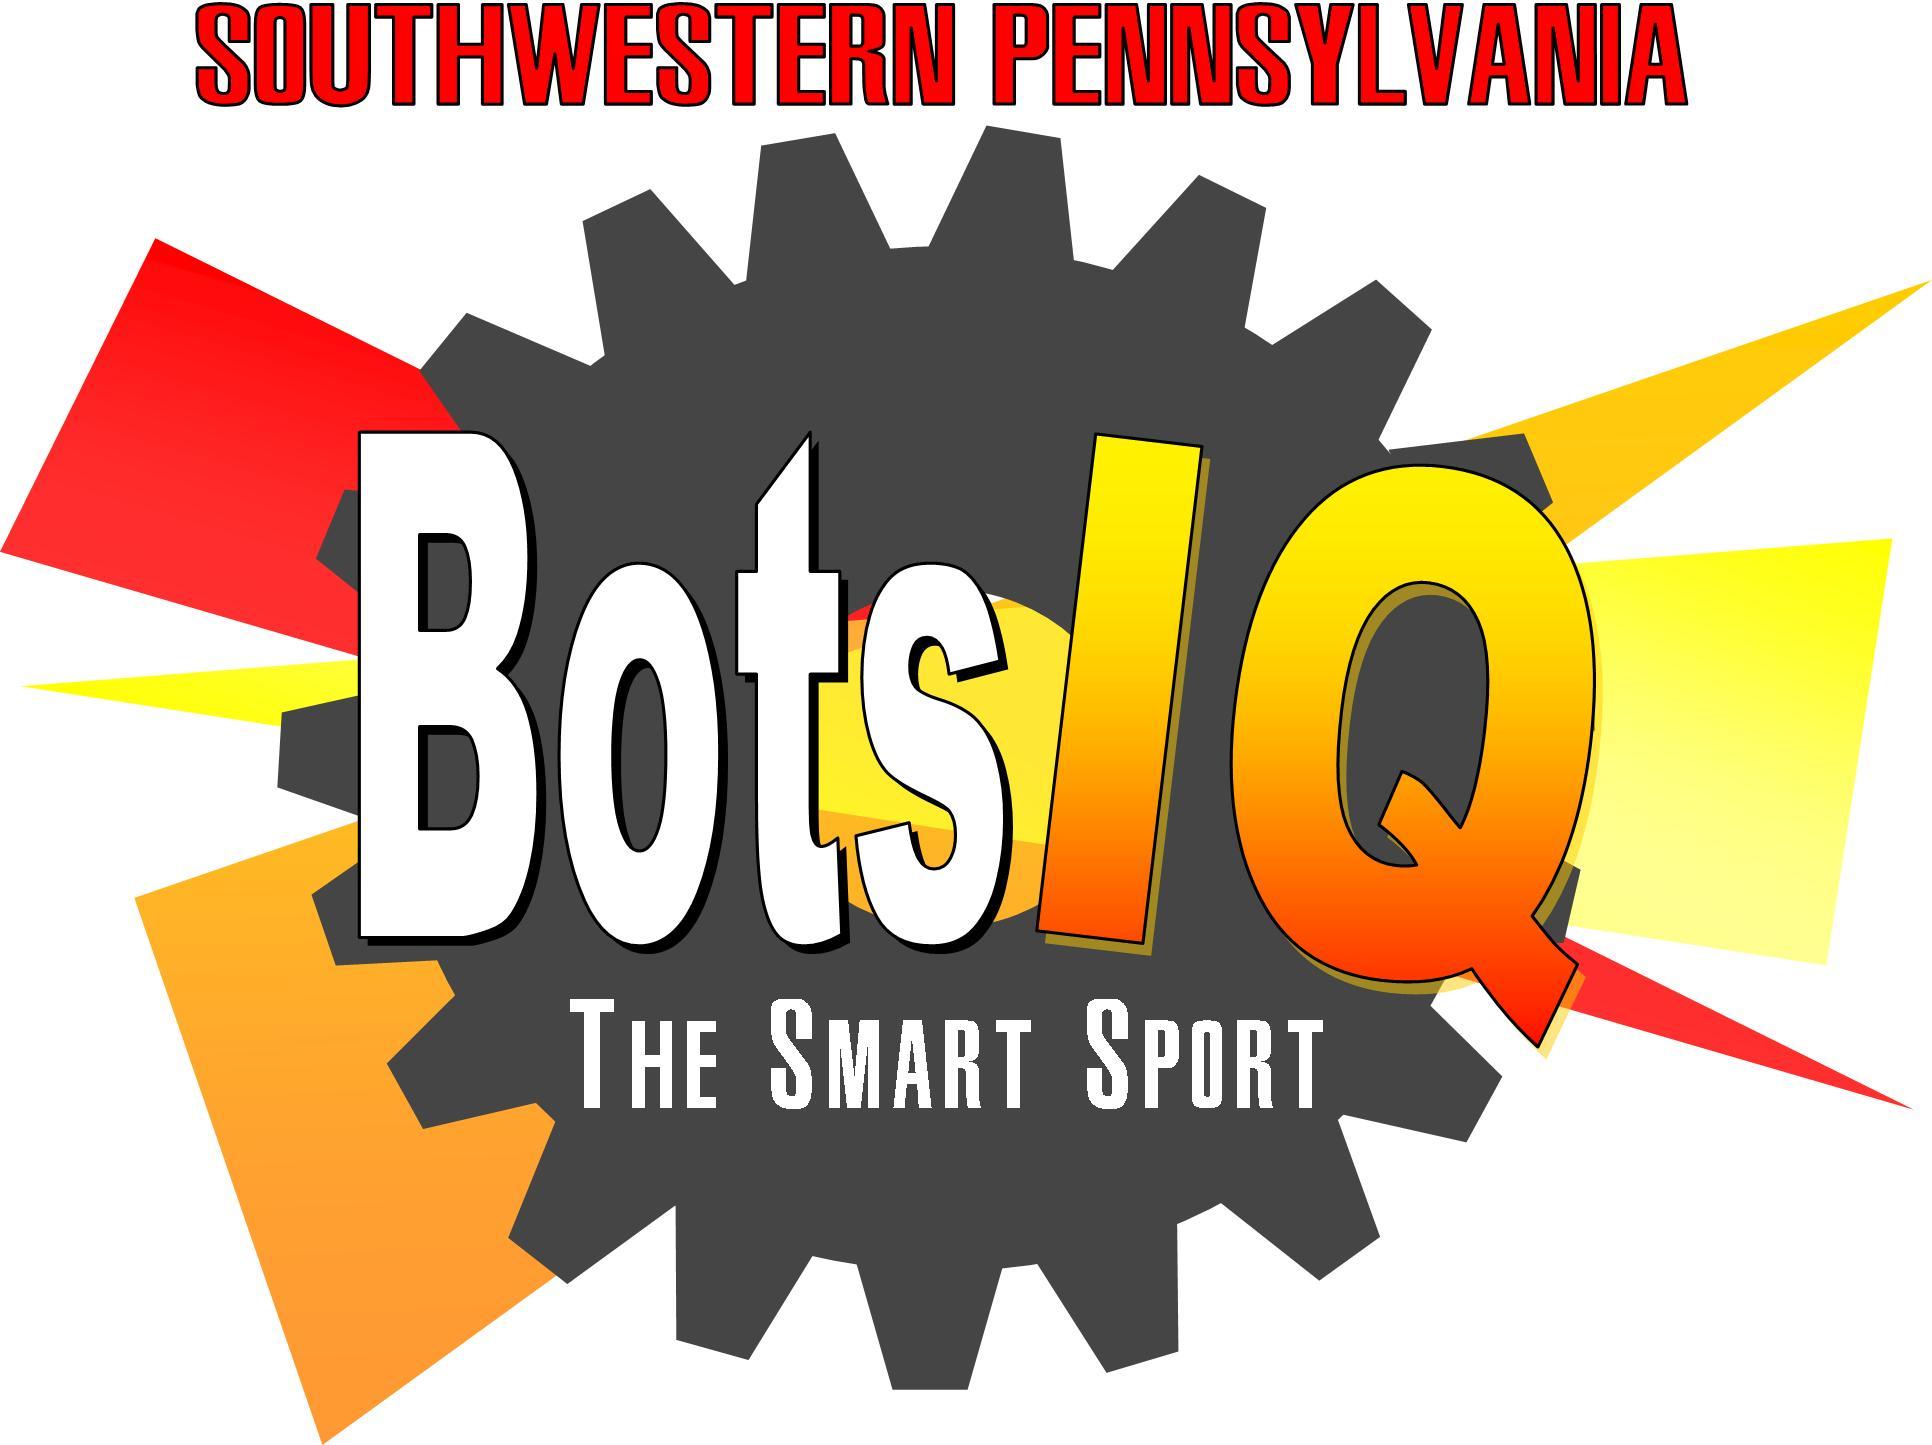 BotsIQ Logo 2014